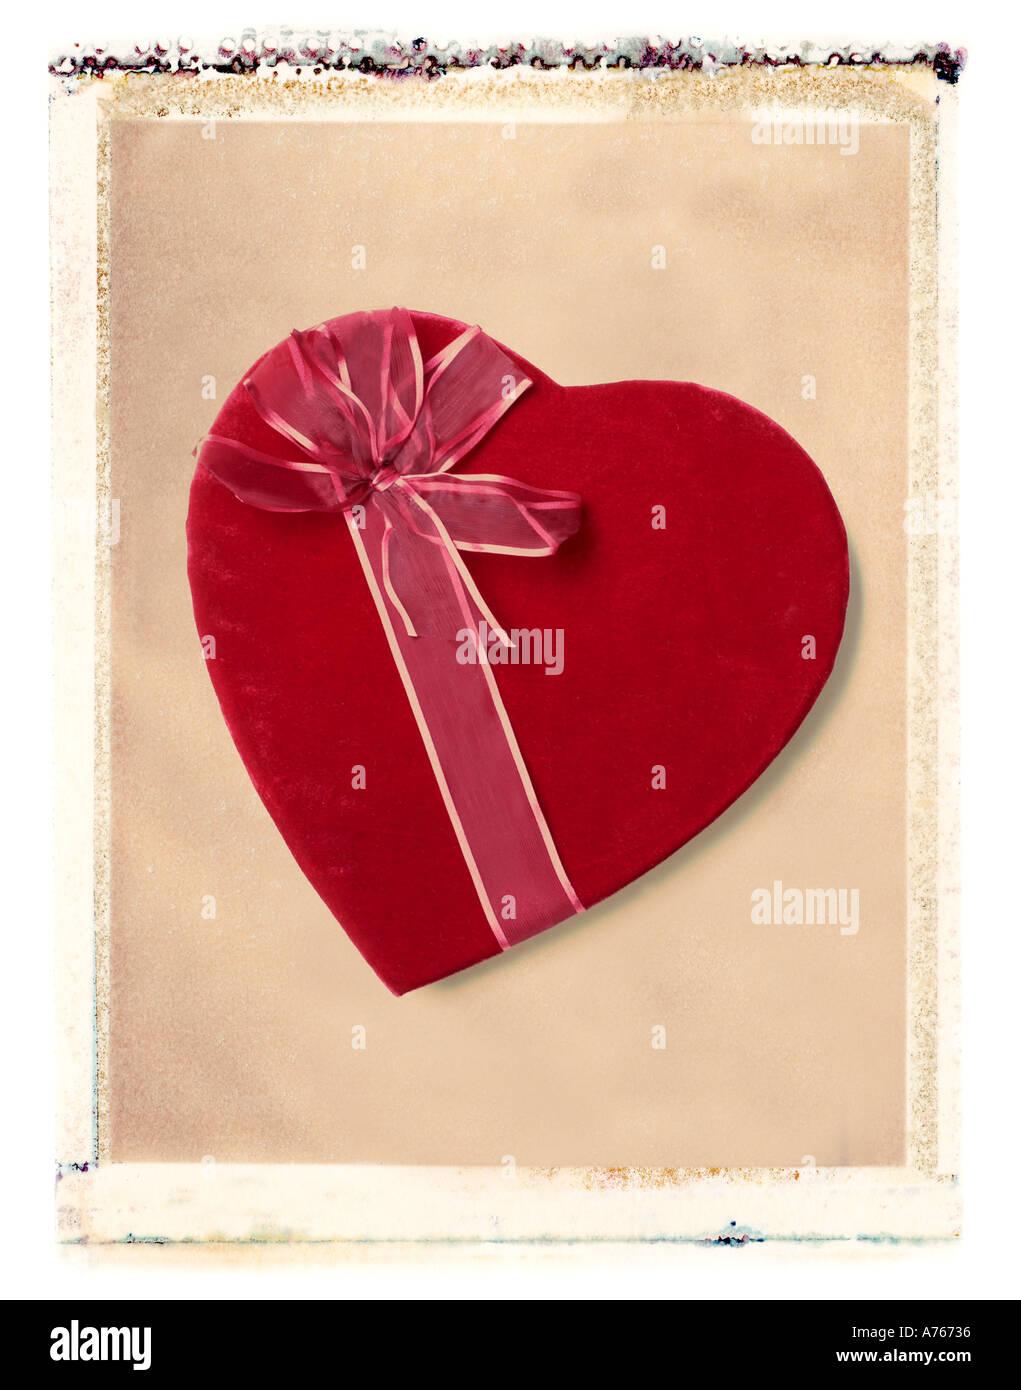 Valentine s Day Süßigkeiten Herz Geschenk Stockbild